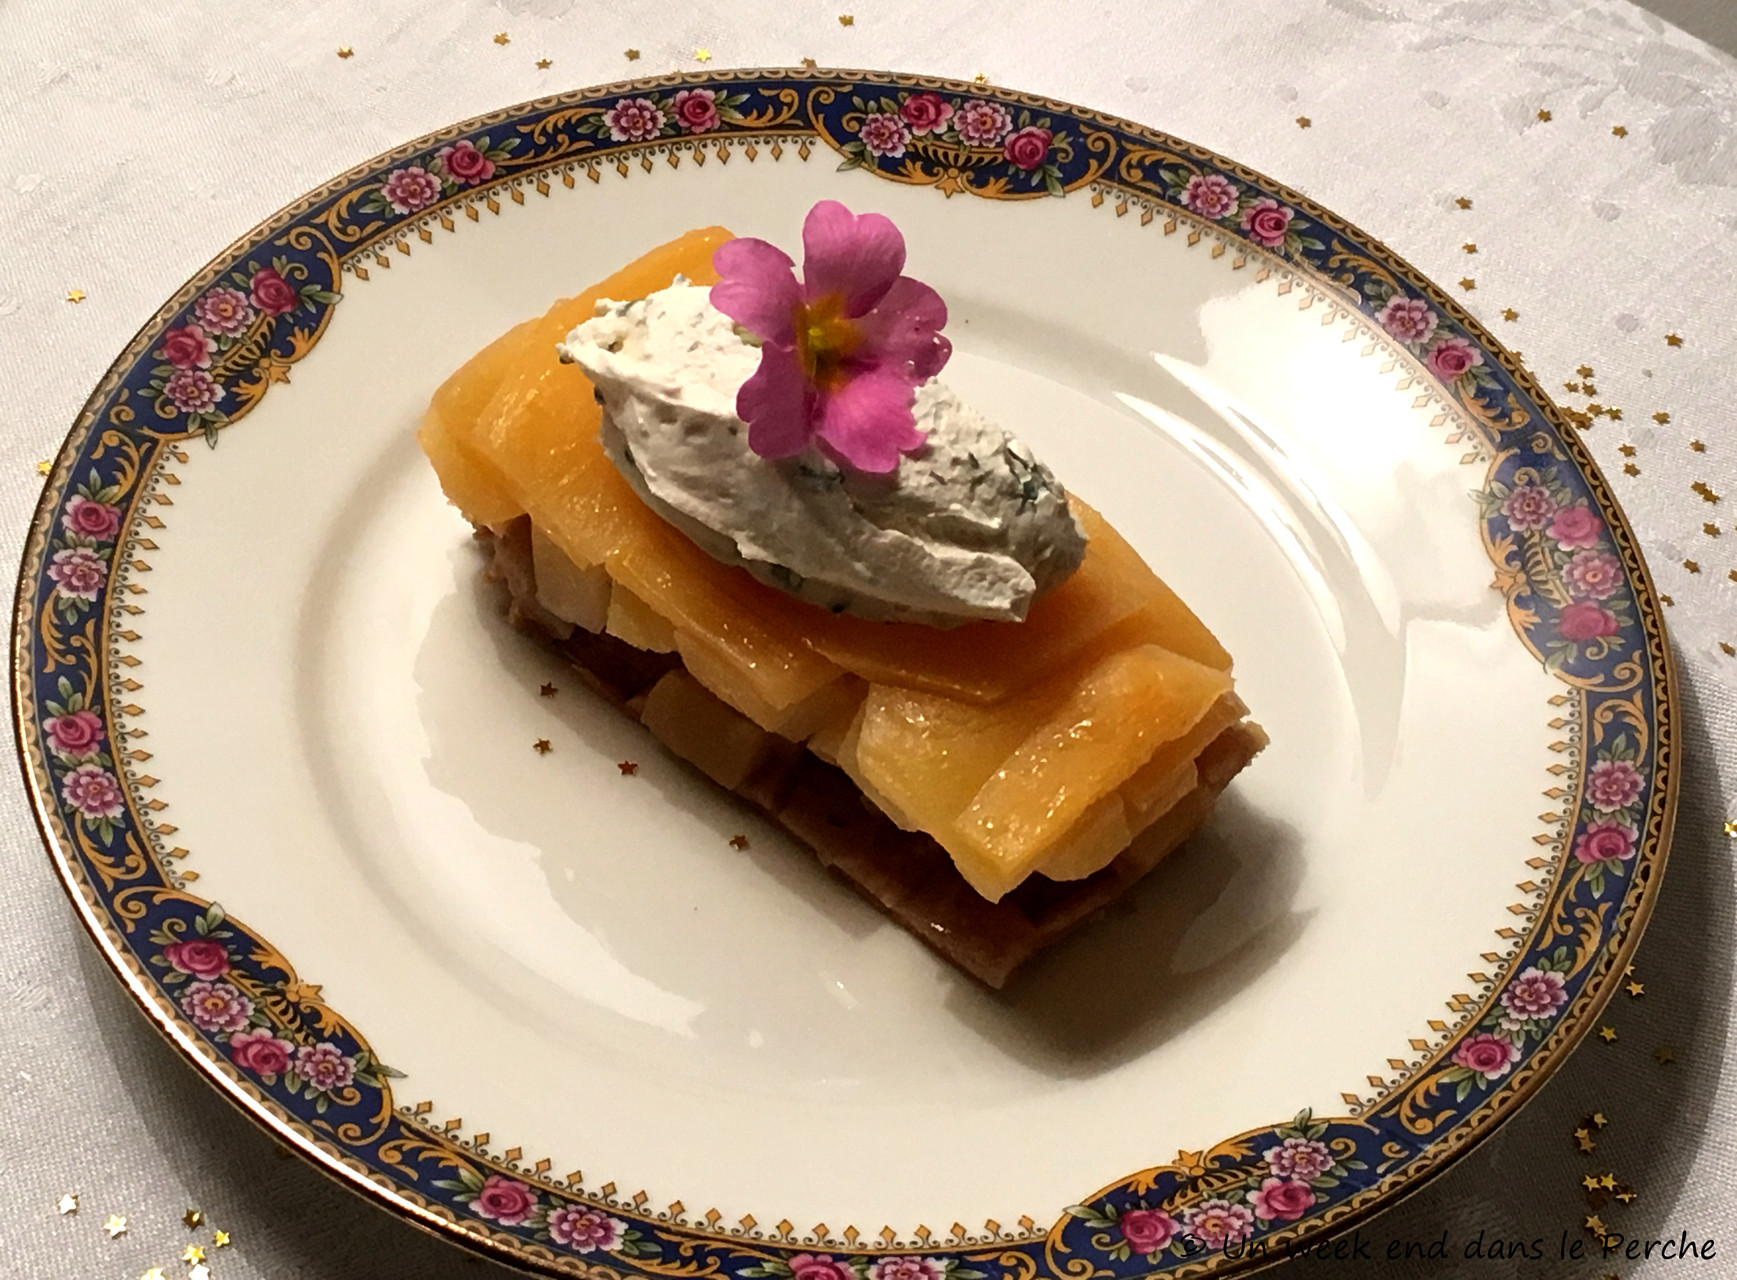 Tarte Tatin de navet boule d'or, Chantilly à la sariette, et fleur de primevère